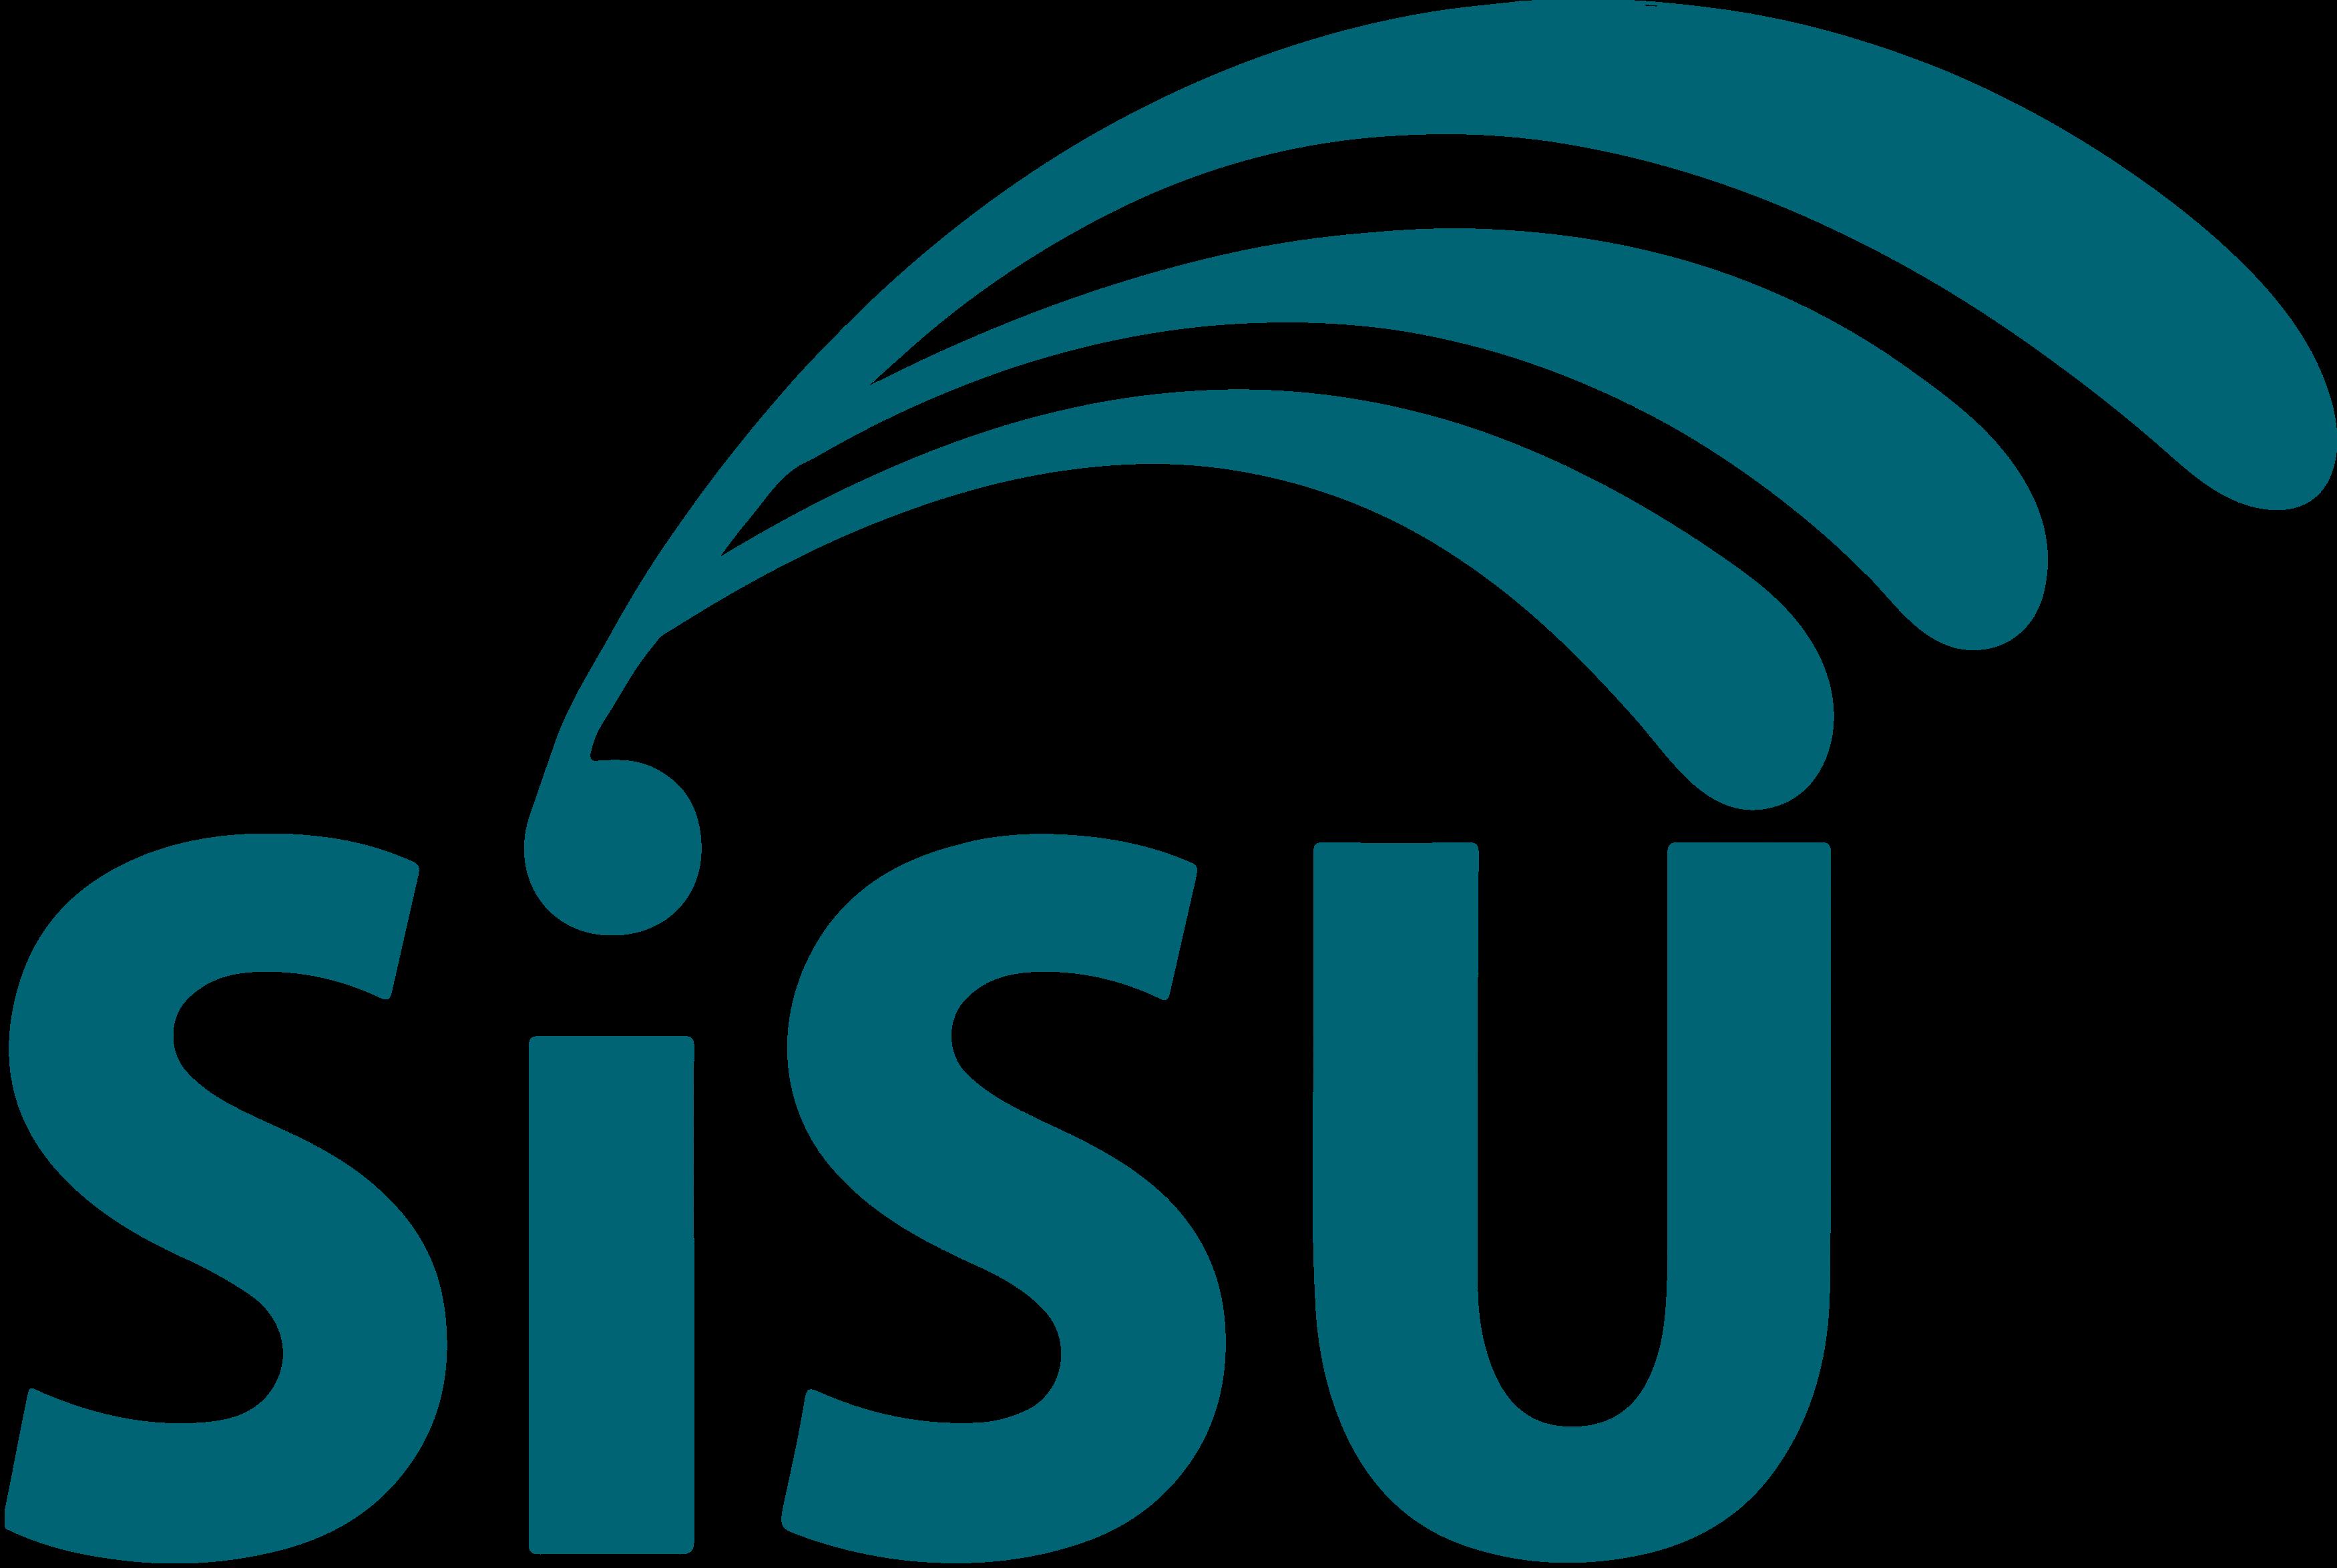 GESTÃO PÚBLICA - Sai convocação do CBVZO para candidatos em lista  espera para o Sisu entregarem documentação